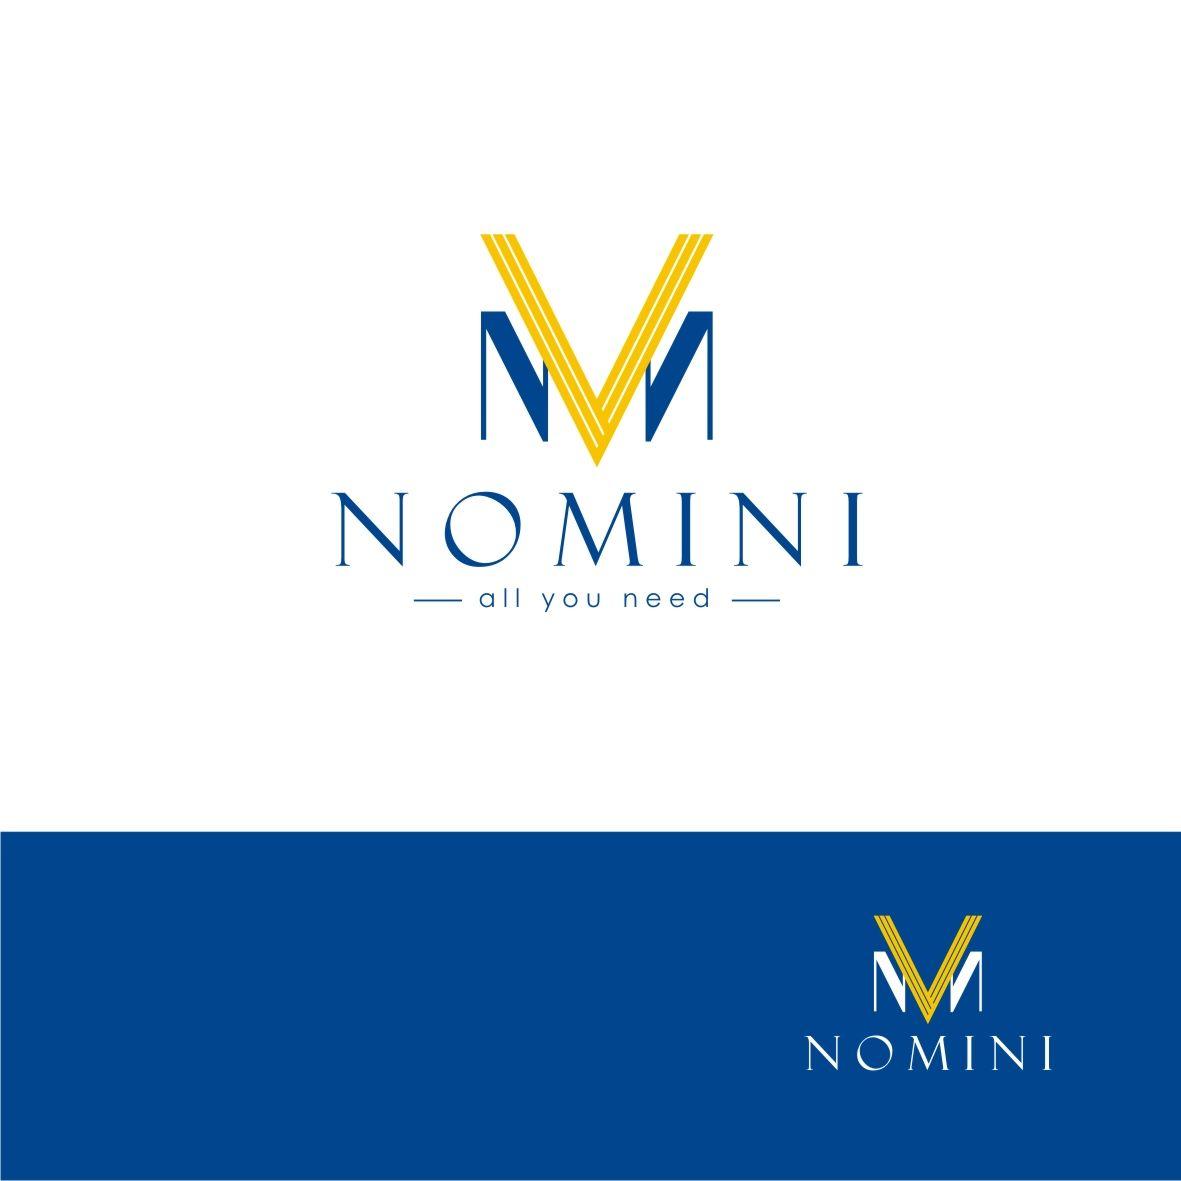 Логотип и иконка для iOS-приложения Nomini - дизайнер DINA